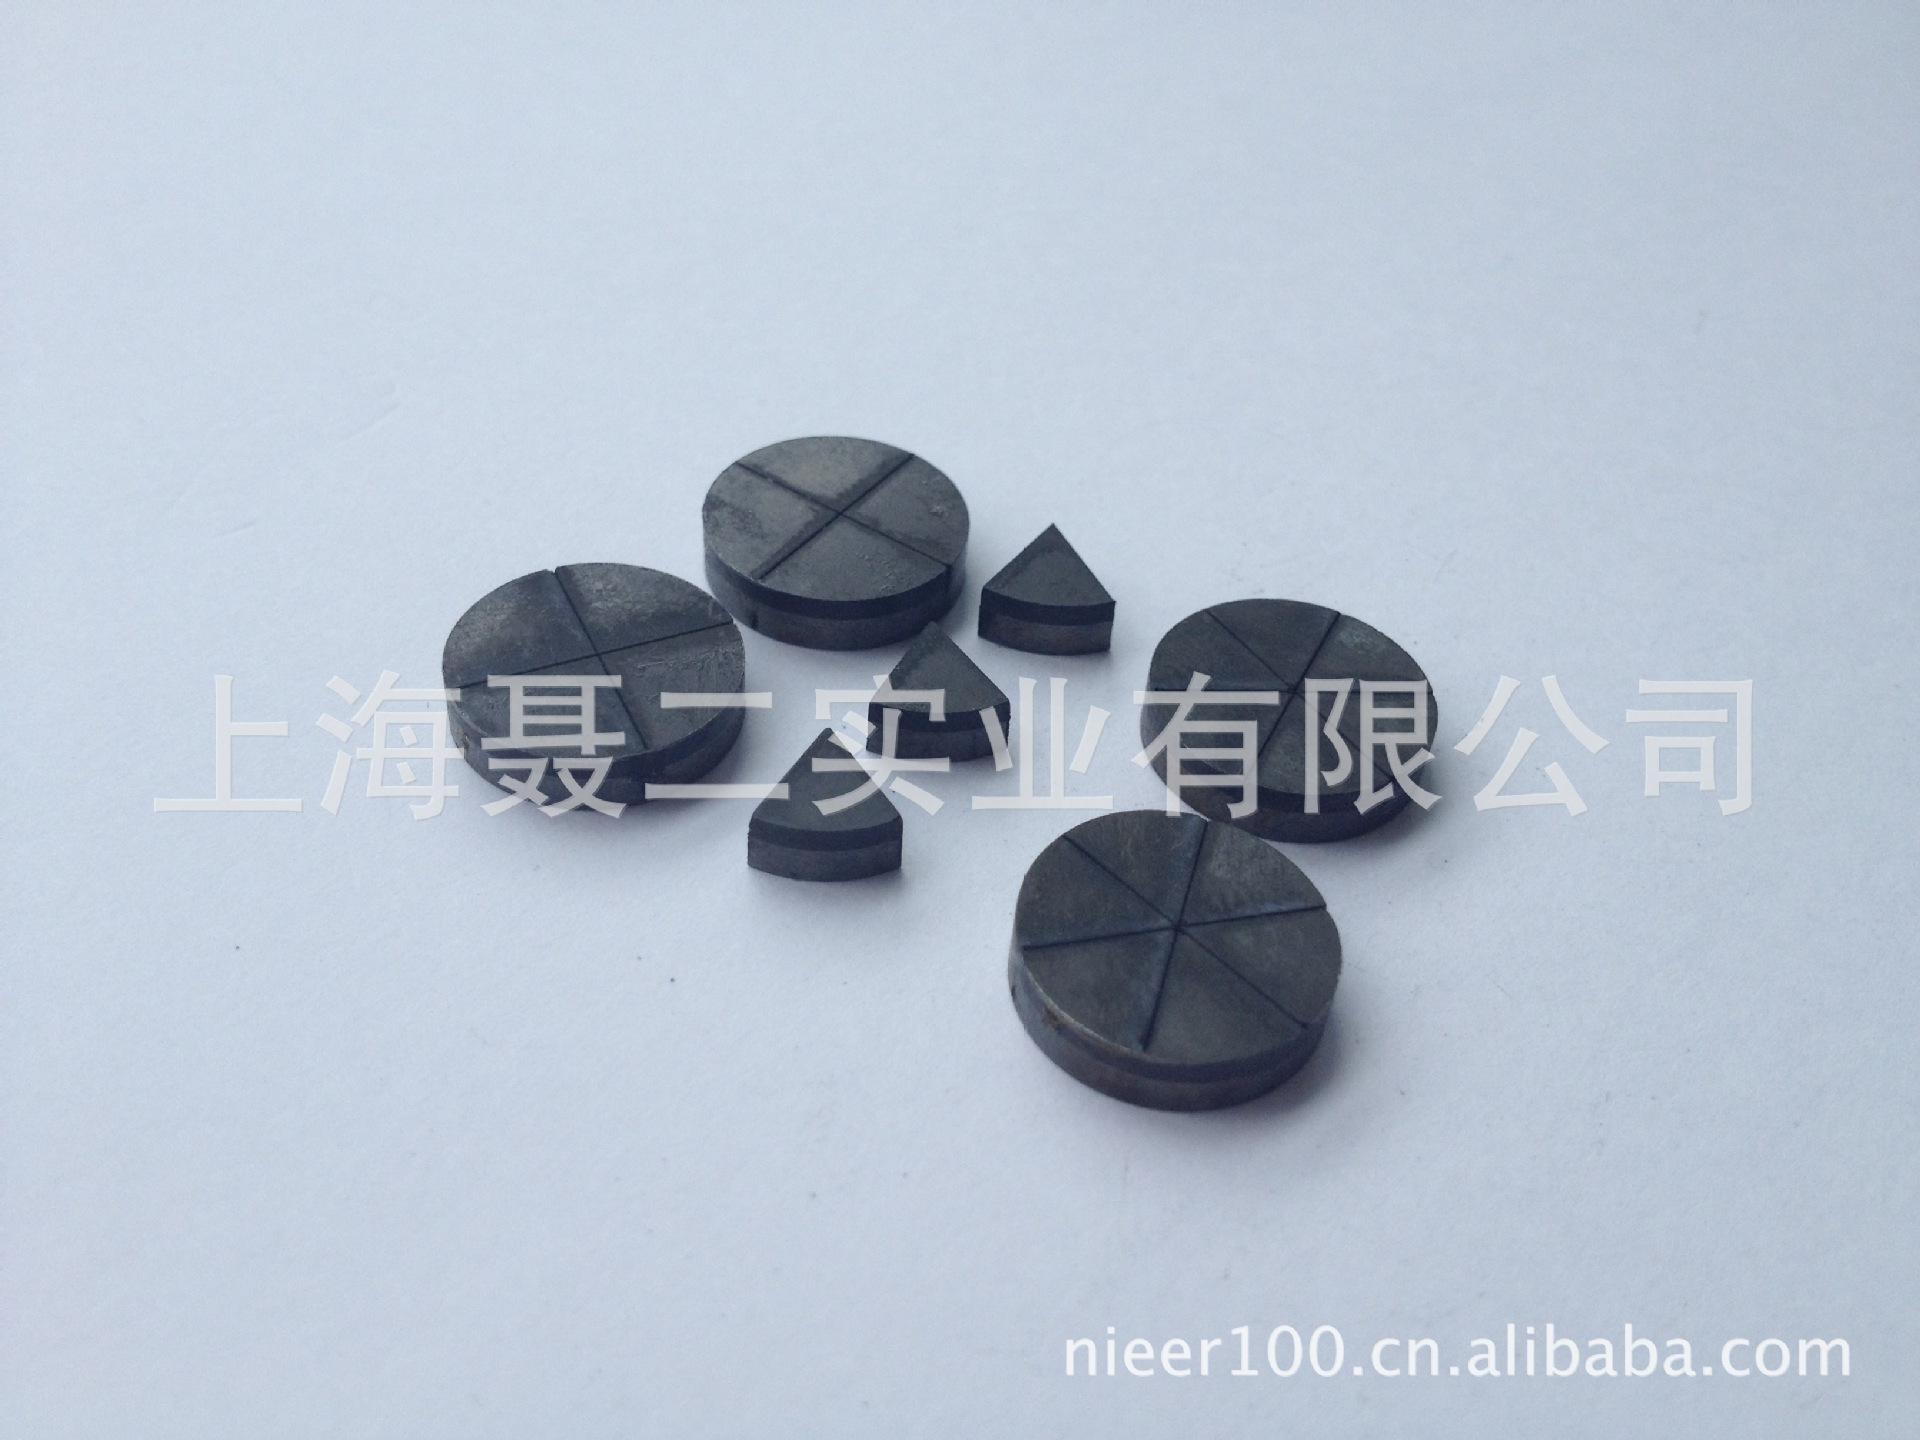 立方氮化硼的结构与金刚石相似